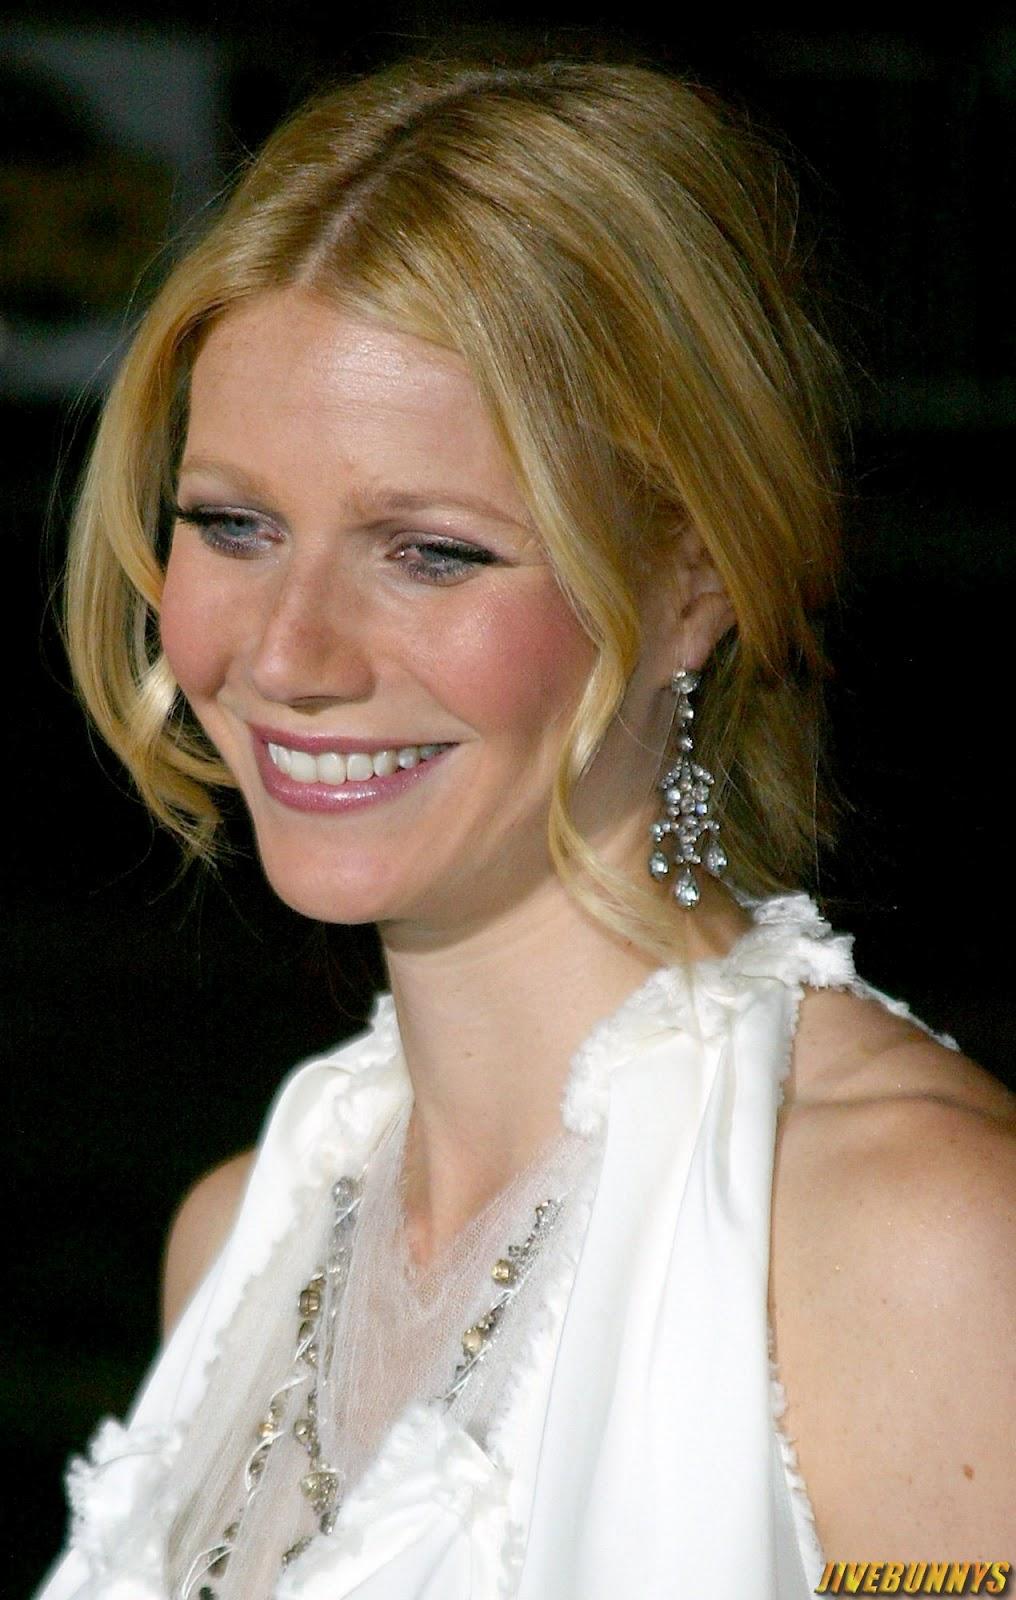 Gwyneth Paltrow specia... Gwyneth Paltrow